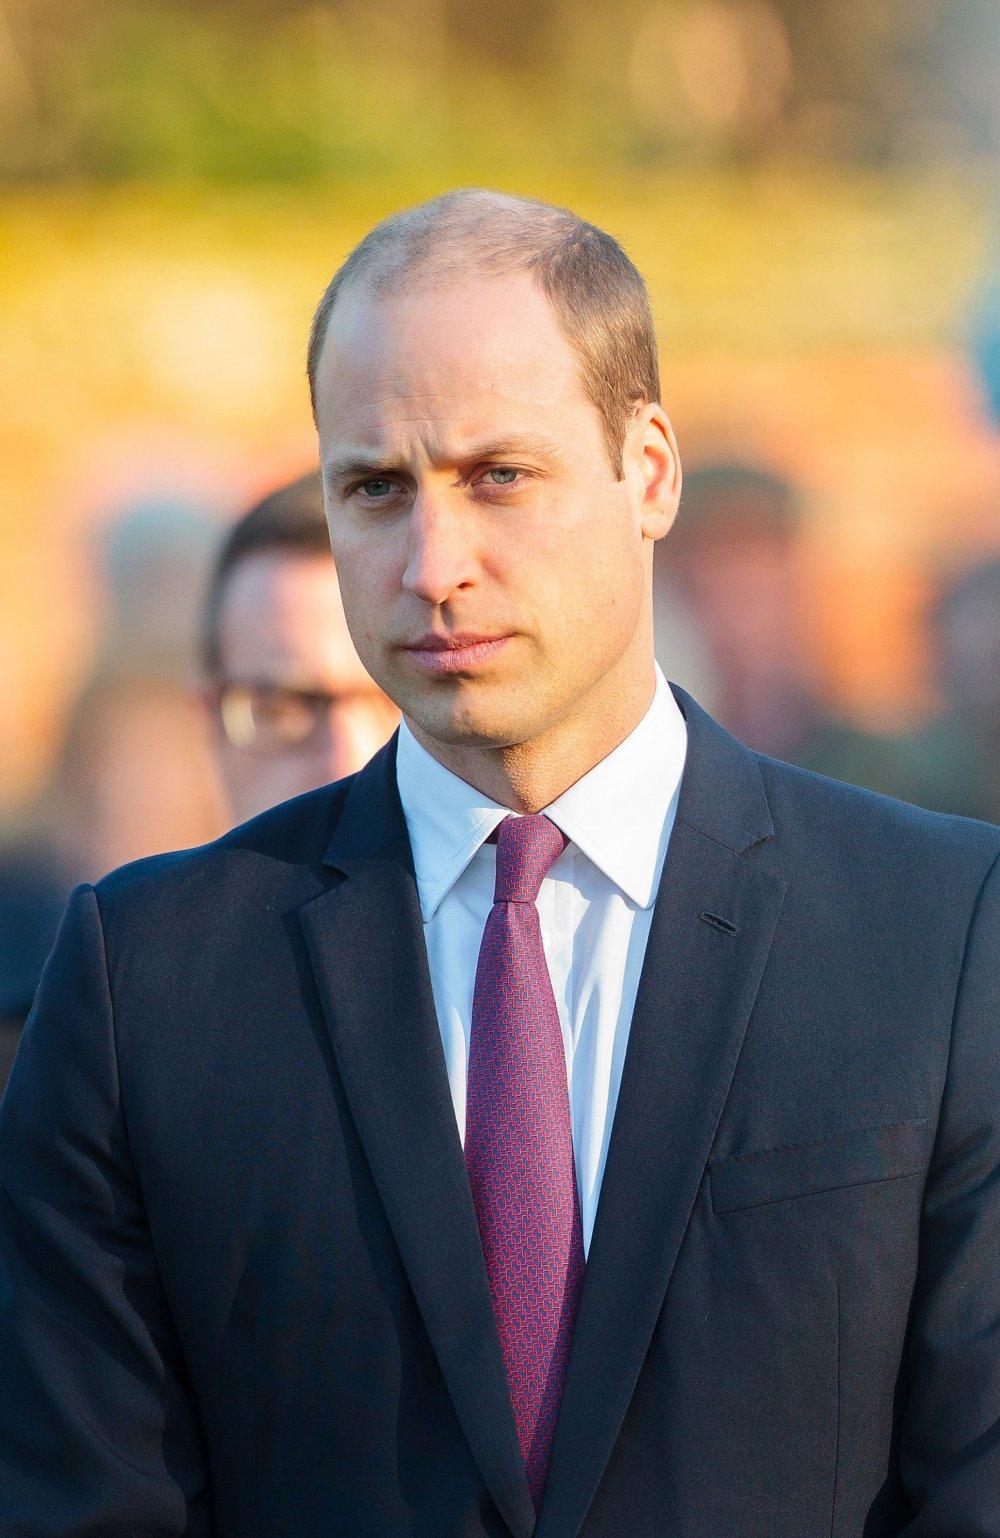 Ближе к народу: принц Уильям пообедал в школьной столовой